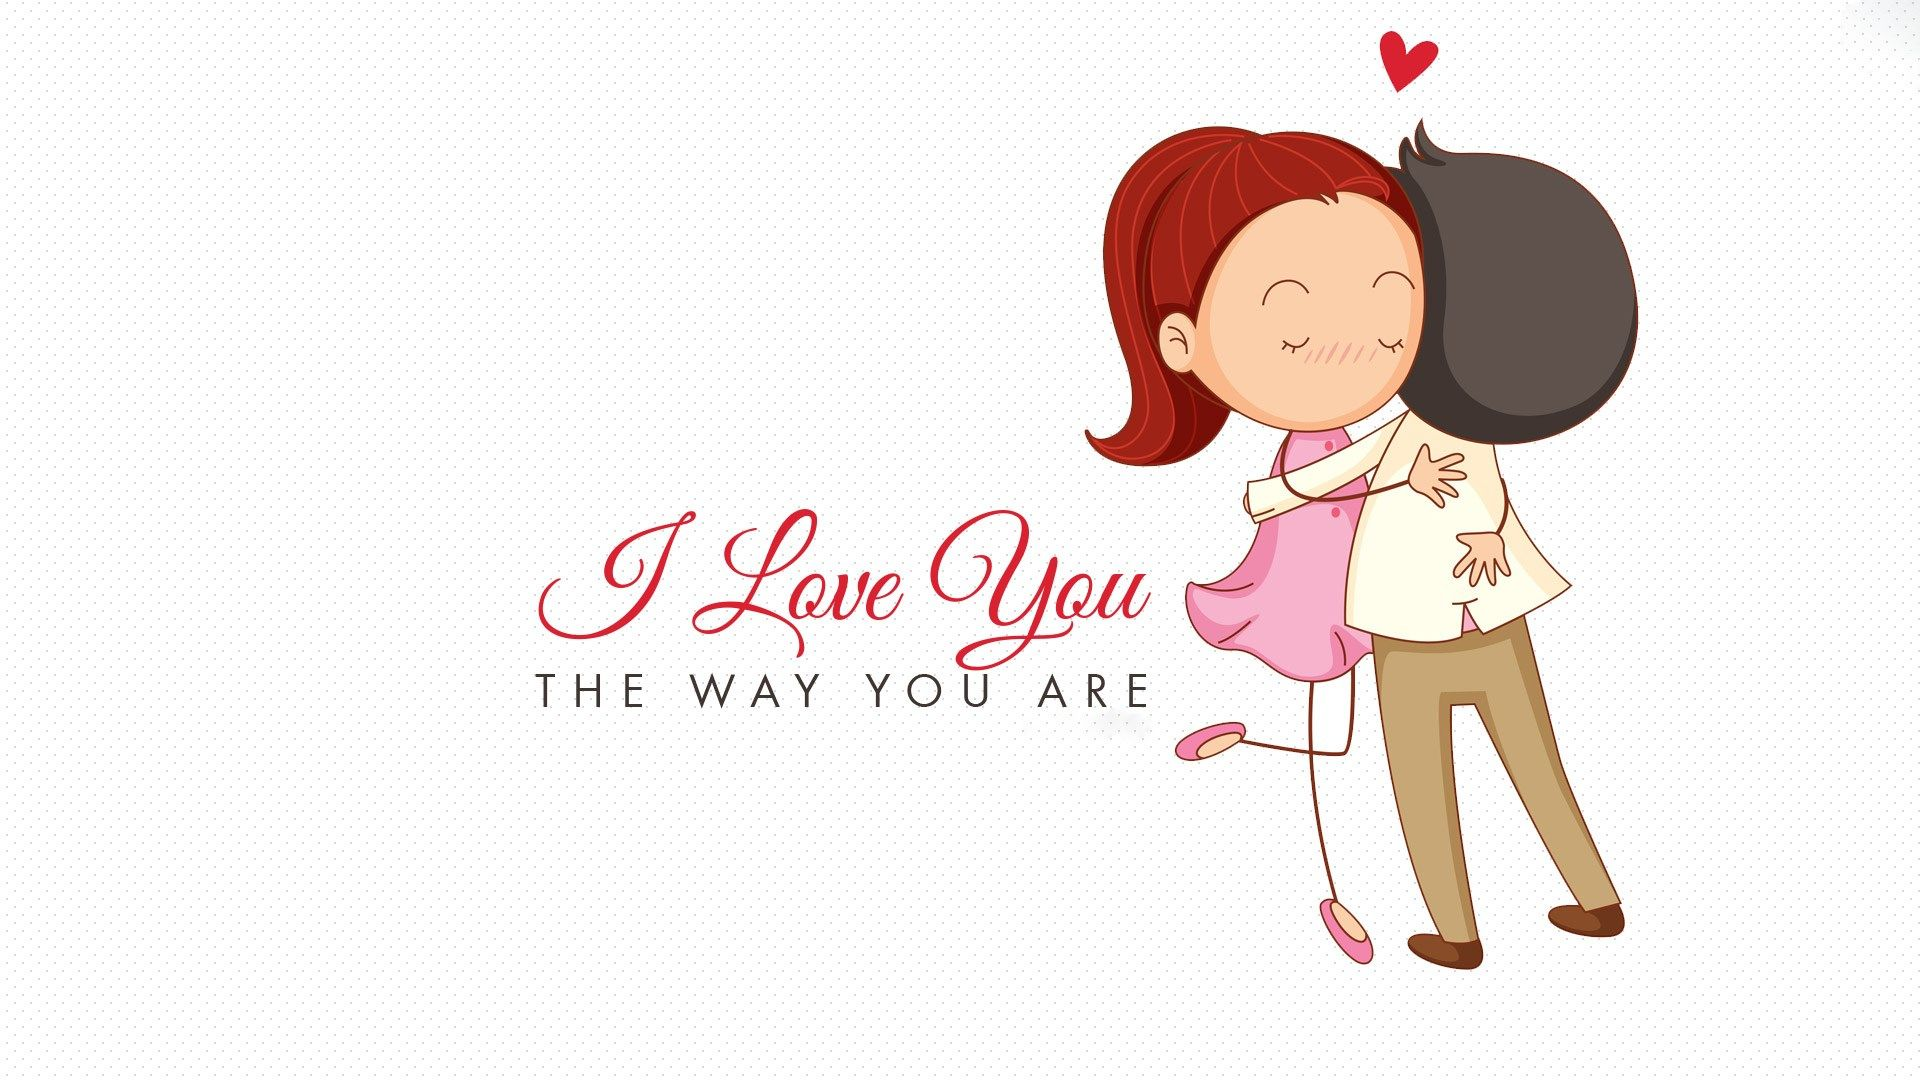 Download Wallpaper I Love You Cartoon - 4f2e4080221c458434b21867a24b4f55  You Should Have_58713   .jpg